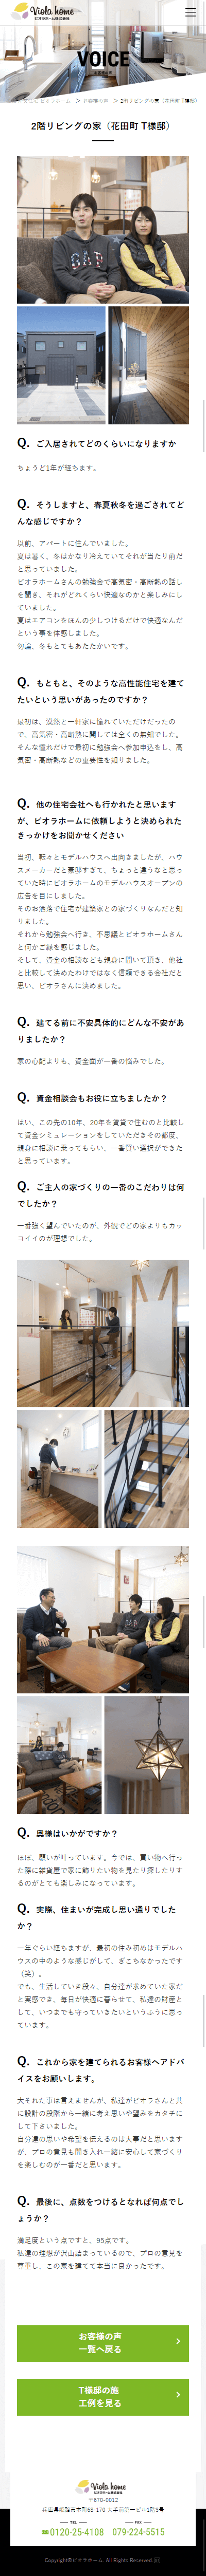 姫路市 ビオラホーム様 ホームページ制作4